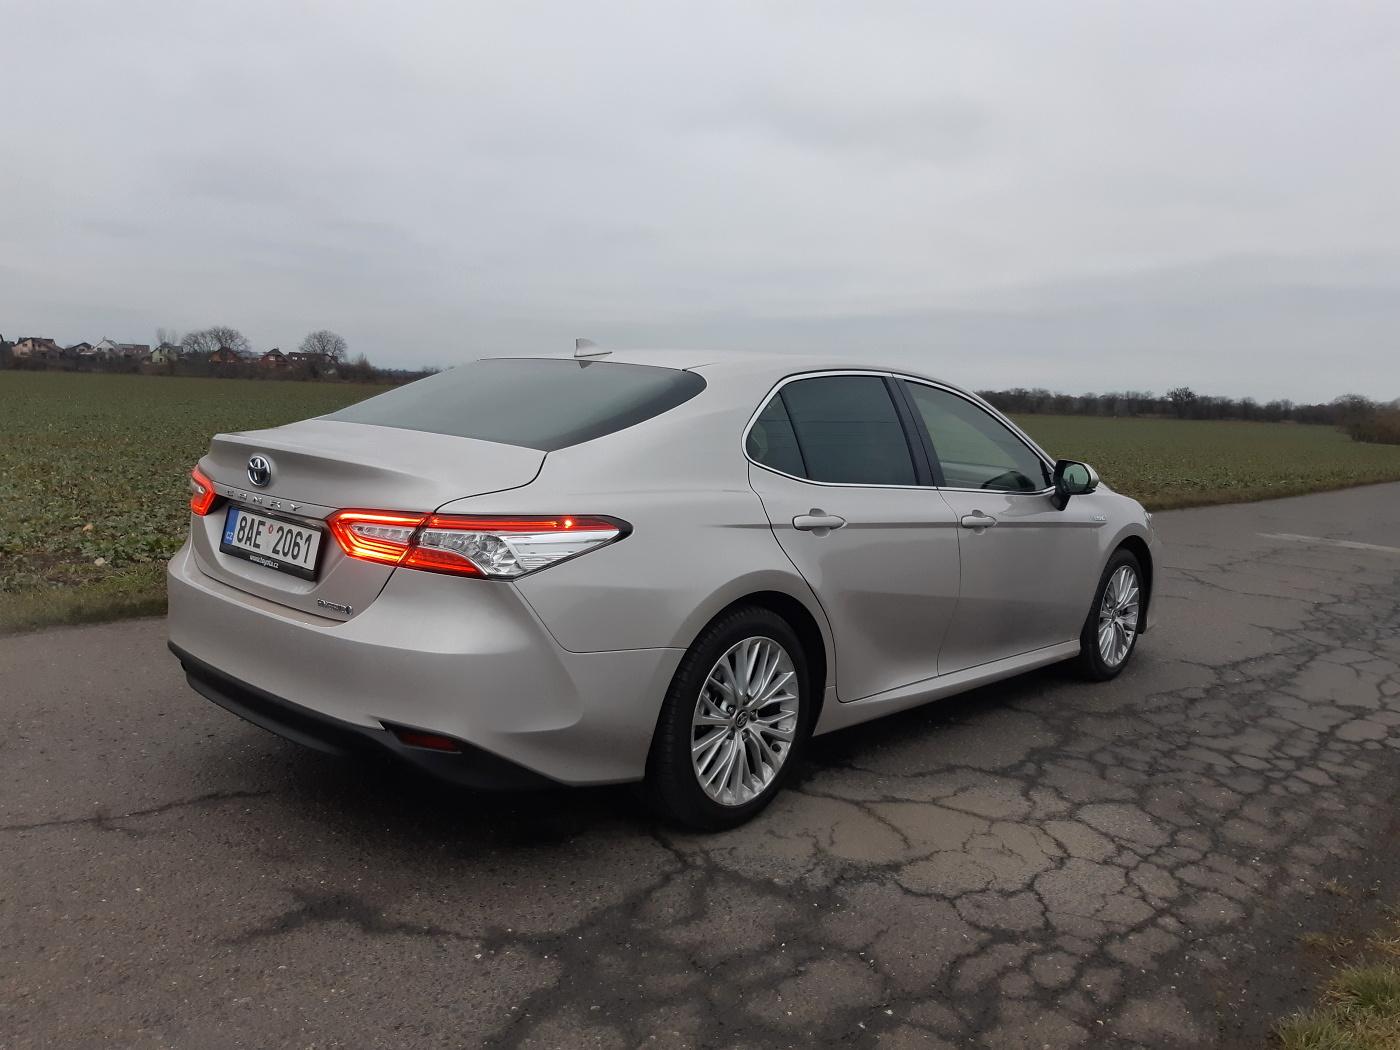 Test: Toyota Camry 2.5 Hybrid - klid a pohodlí za rozumné peníze